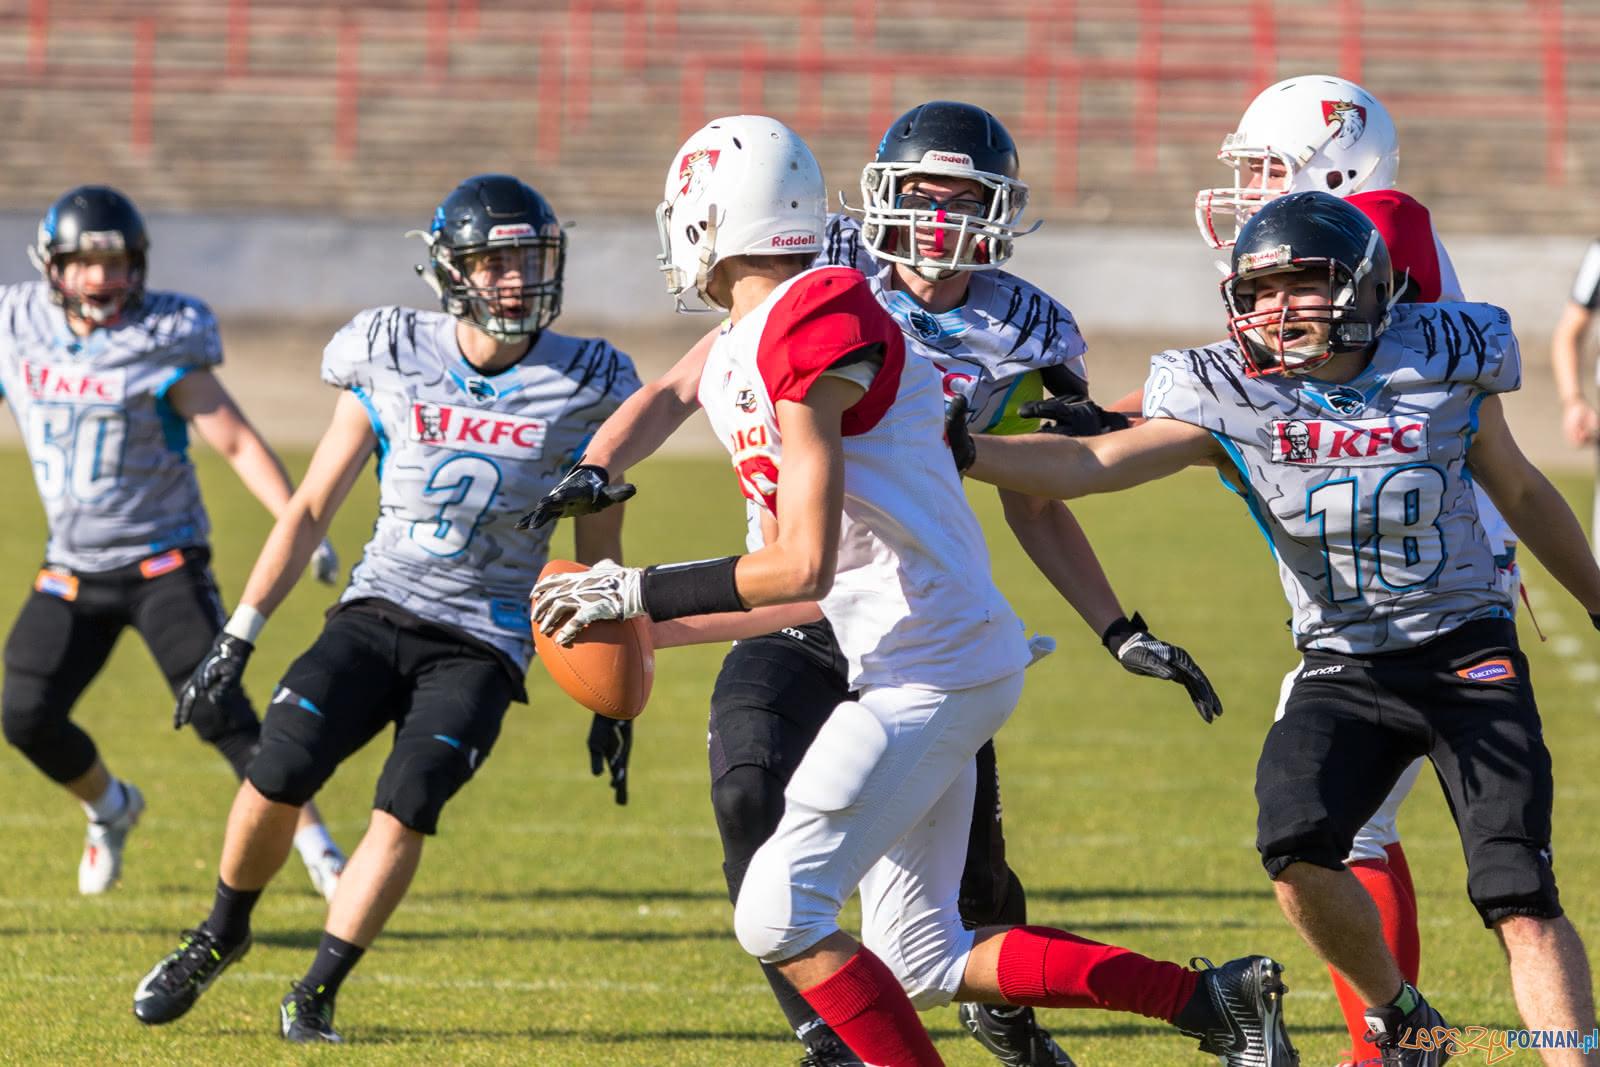 JLFA: Patrioci Poznań - Panthers Wrocław 0:46 - Poznań 13.10.  Foto: LepszyPOZNAN.pl / Paweł Rychter